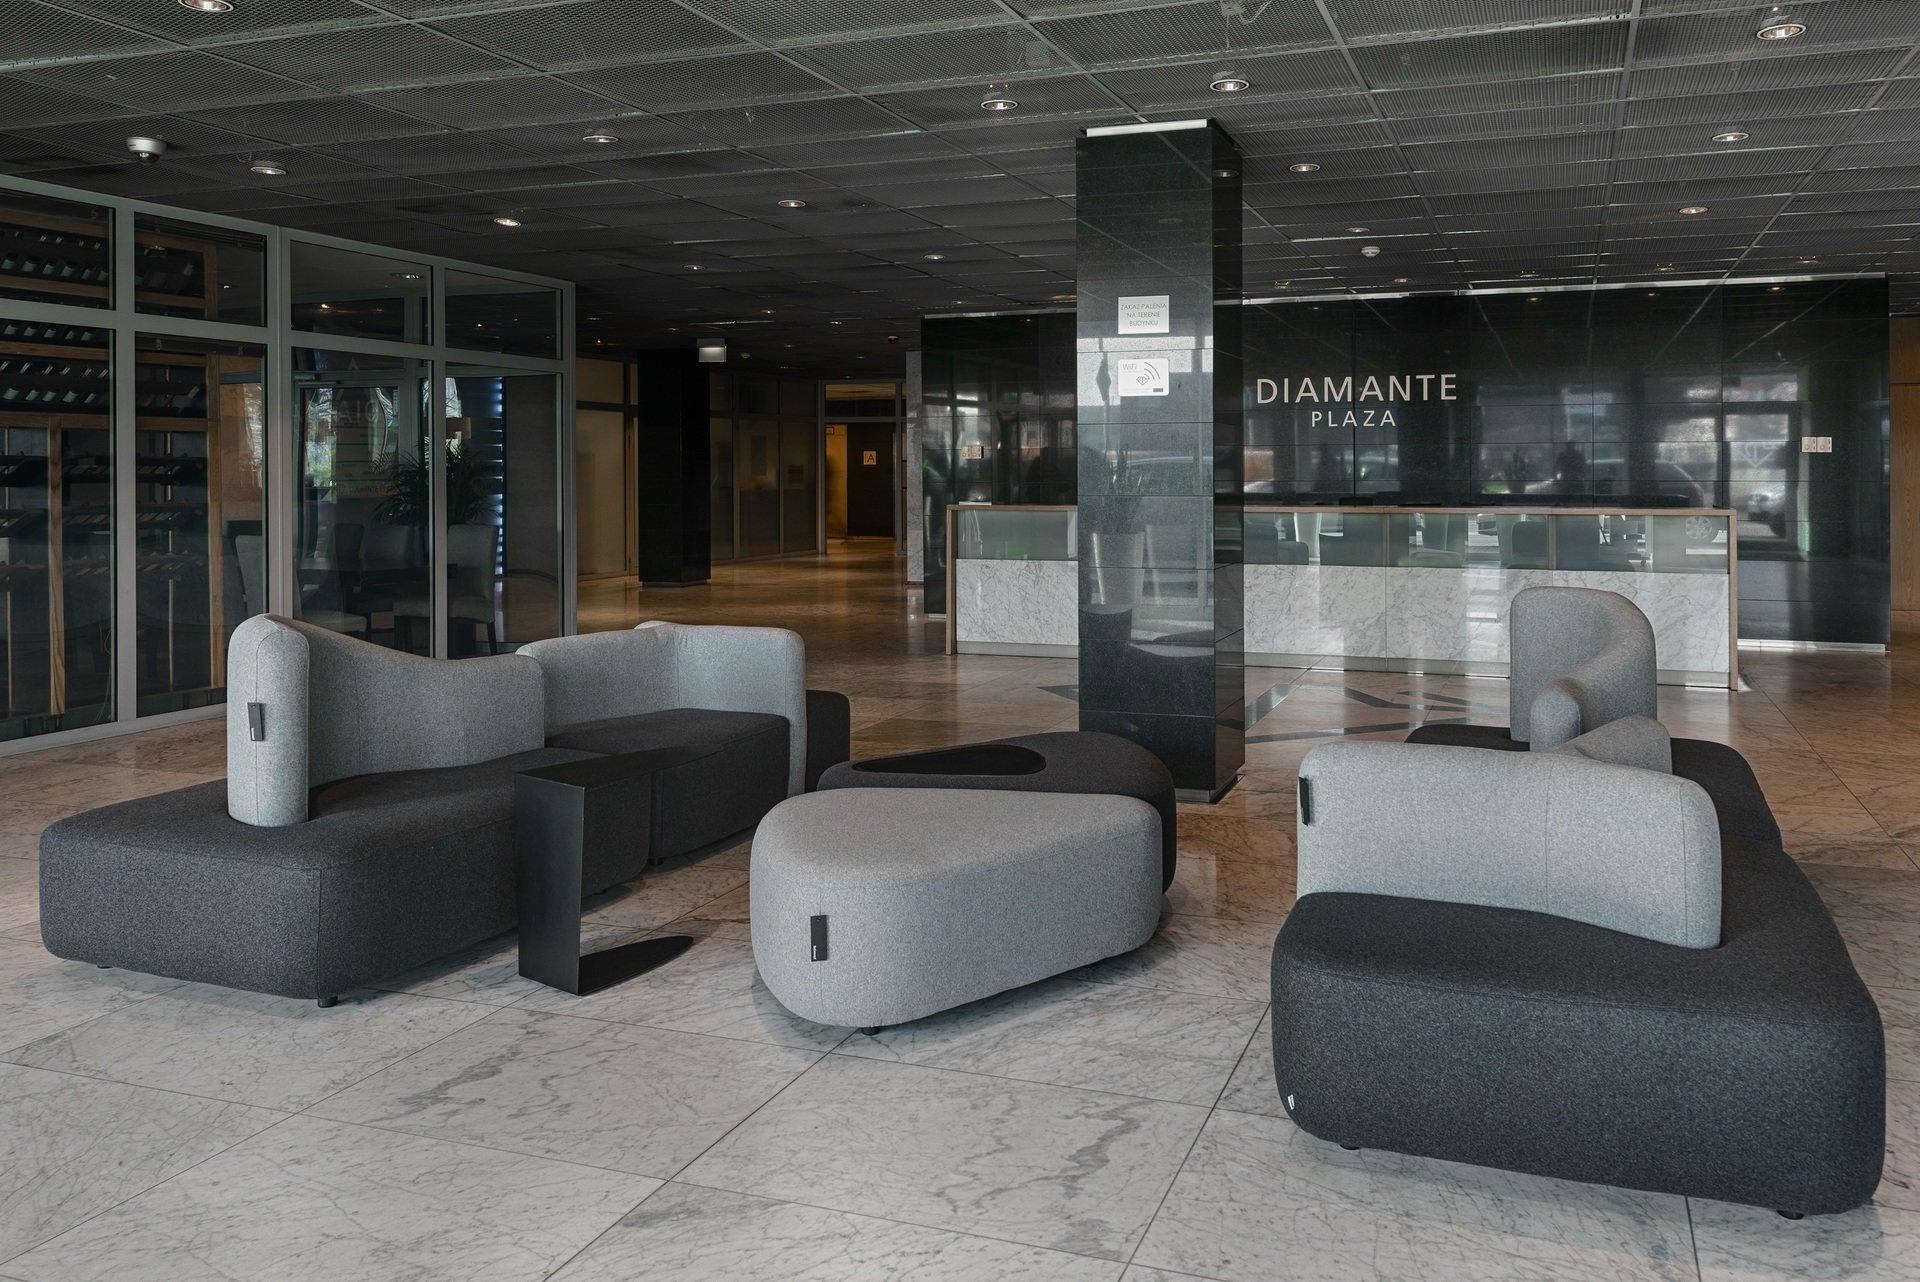 Diamante Plaza z nowym wystrojem recepcji